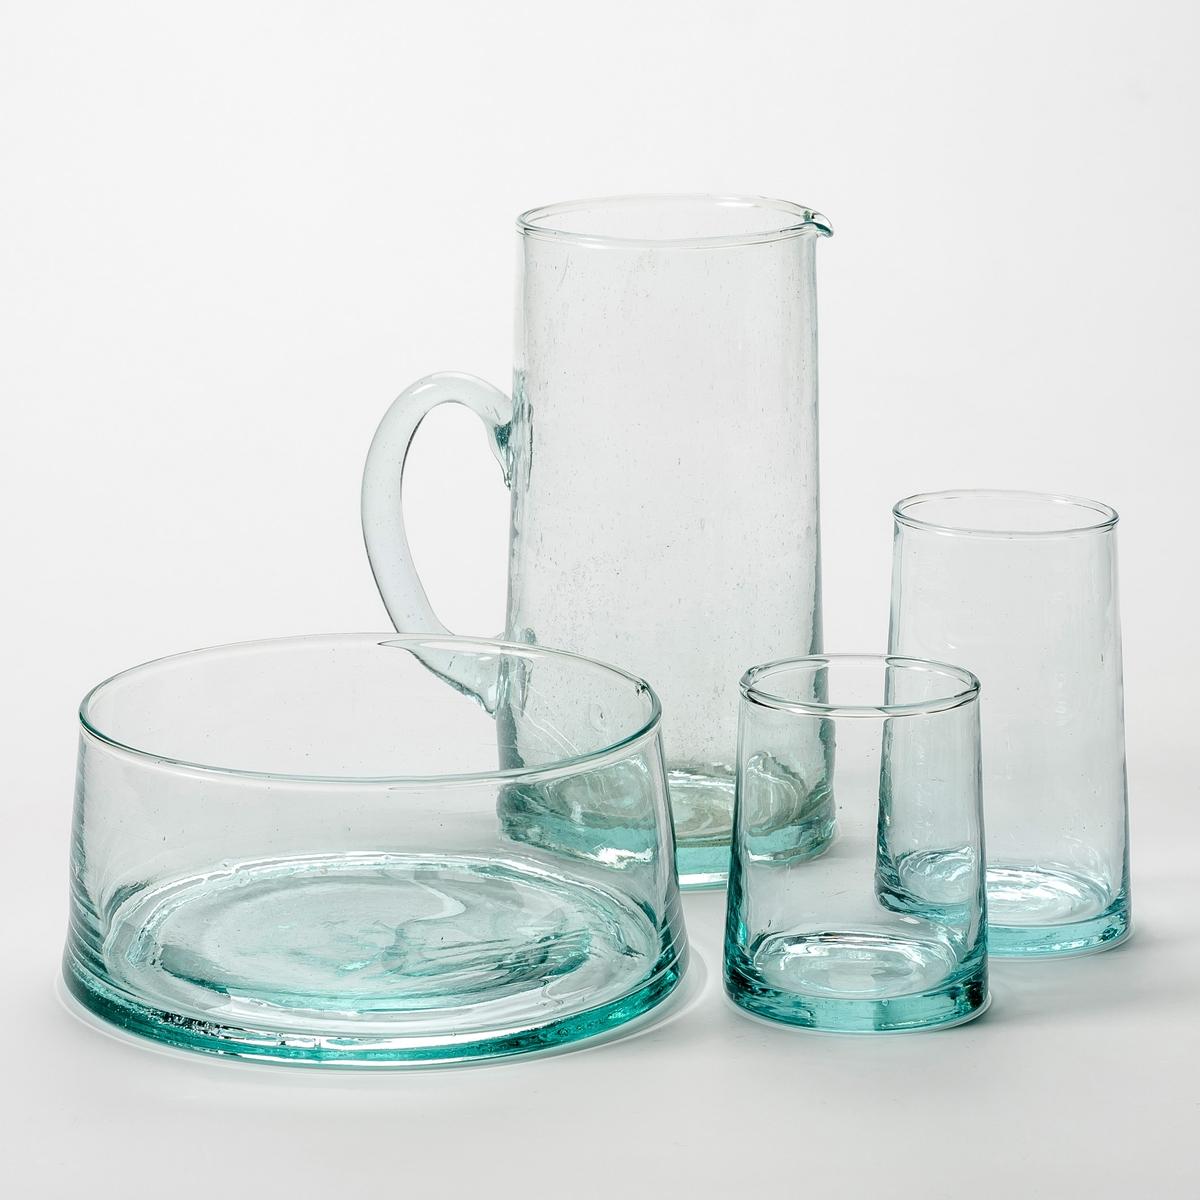 Графин Gimani<br><br>Цвет: стеклянный прозрачный